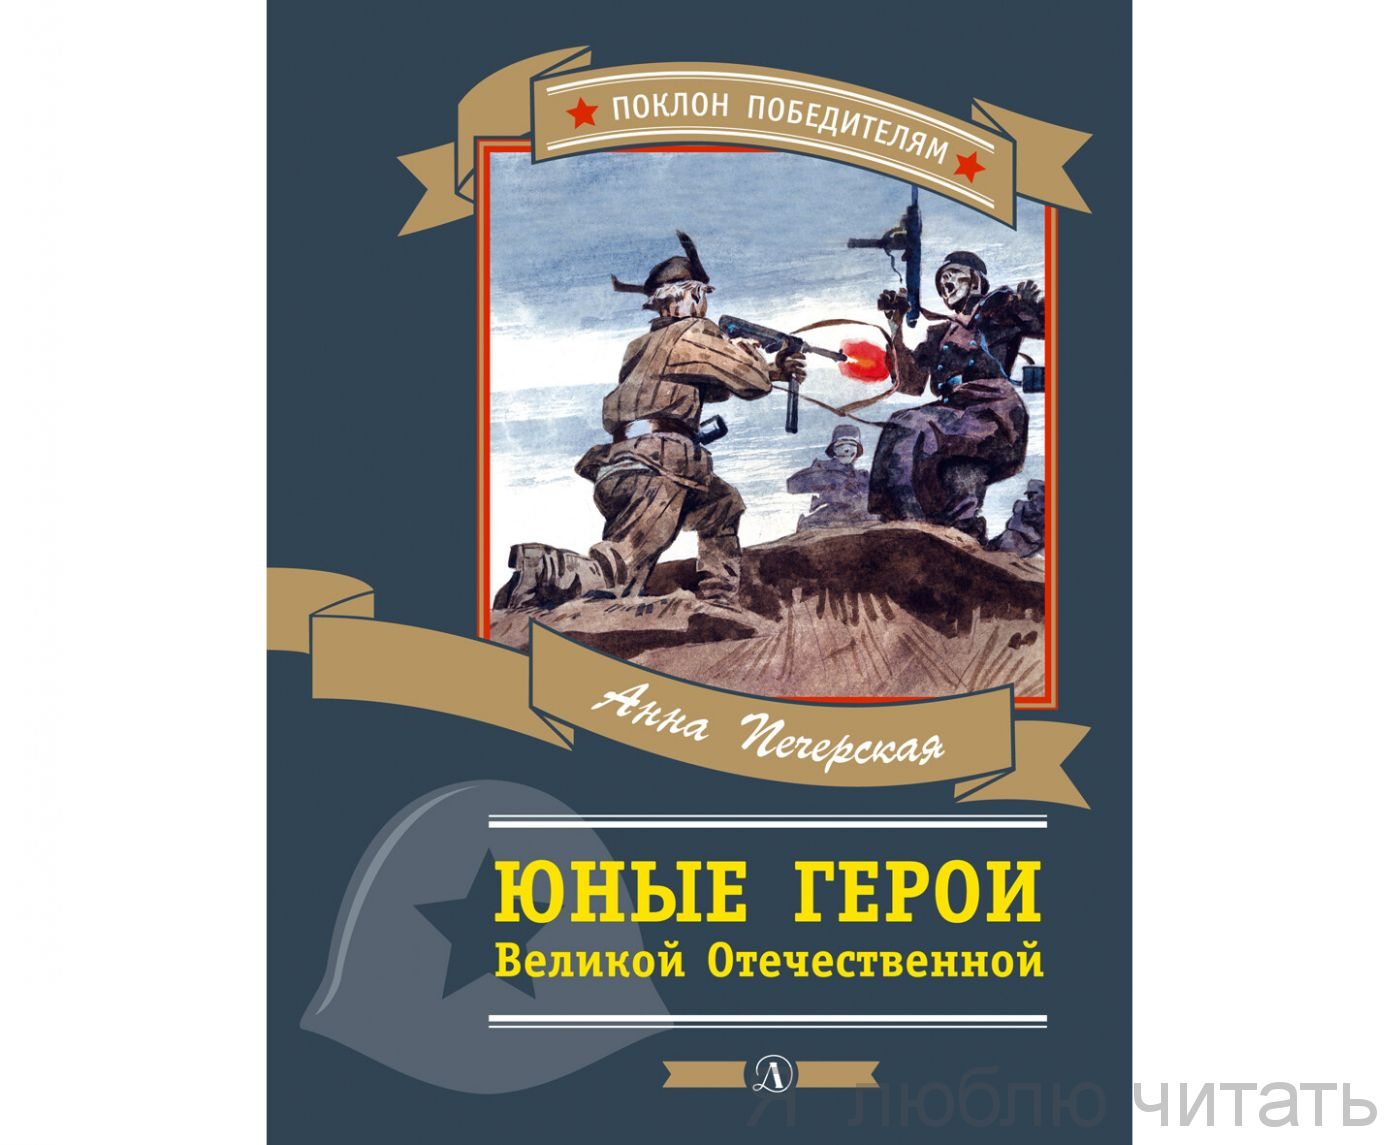 Юные герои Великой Отечественной